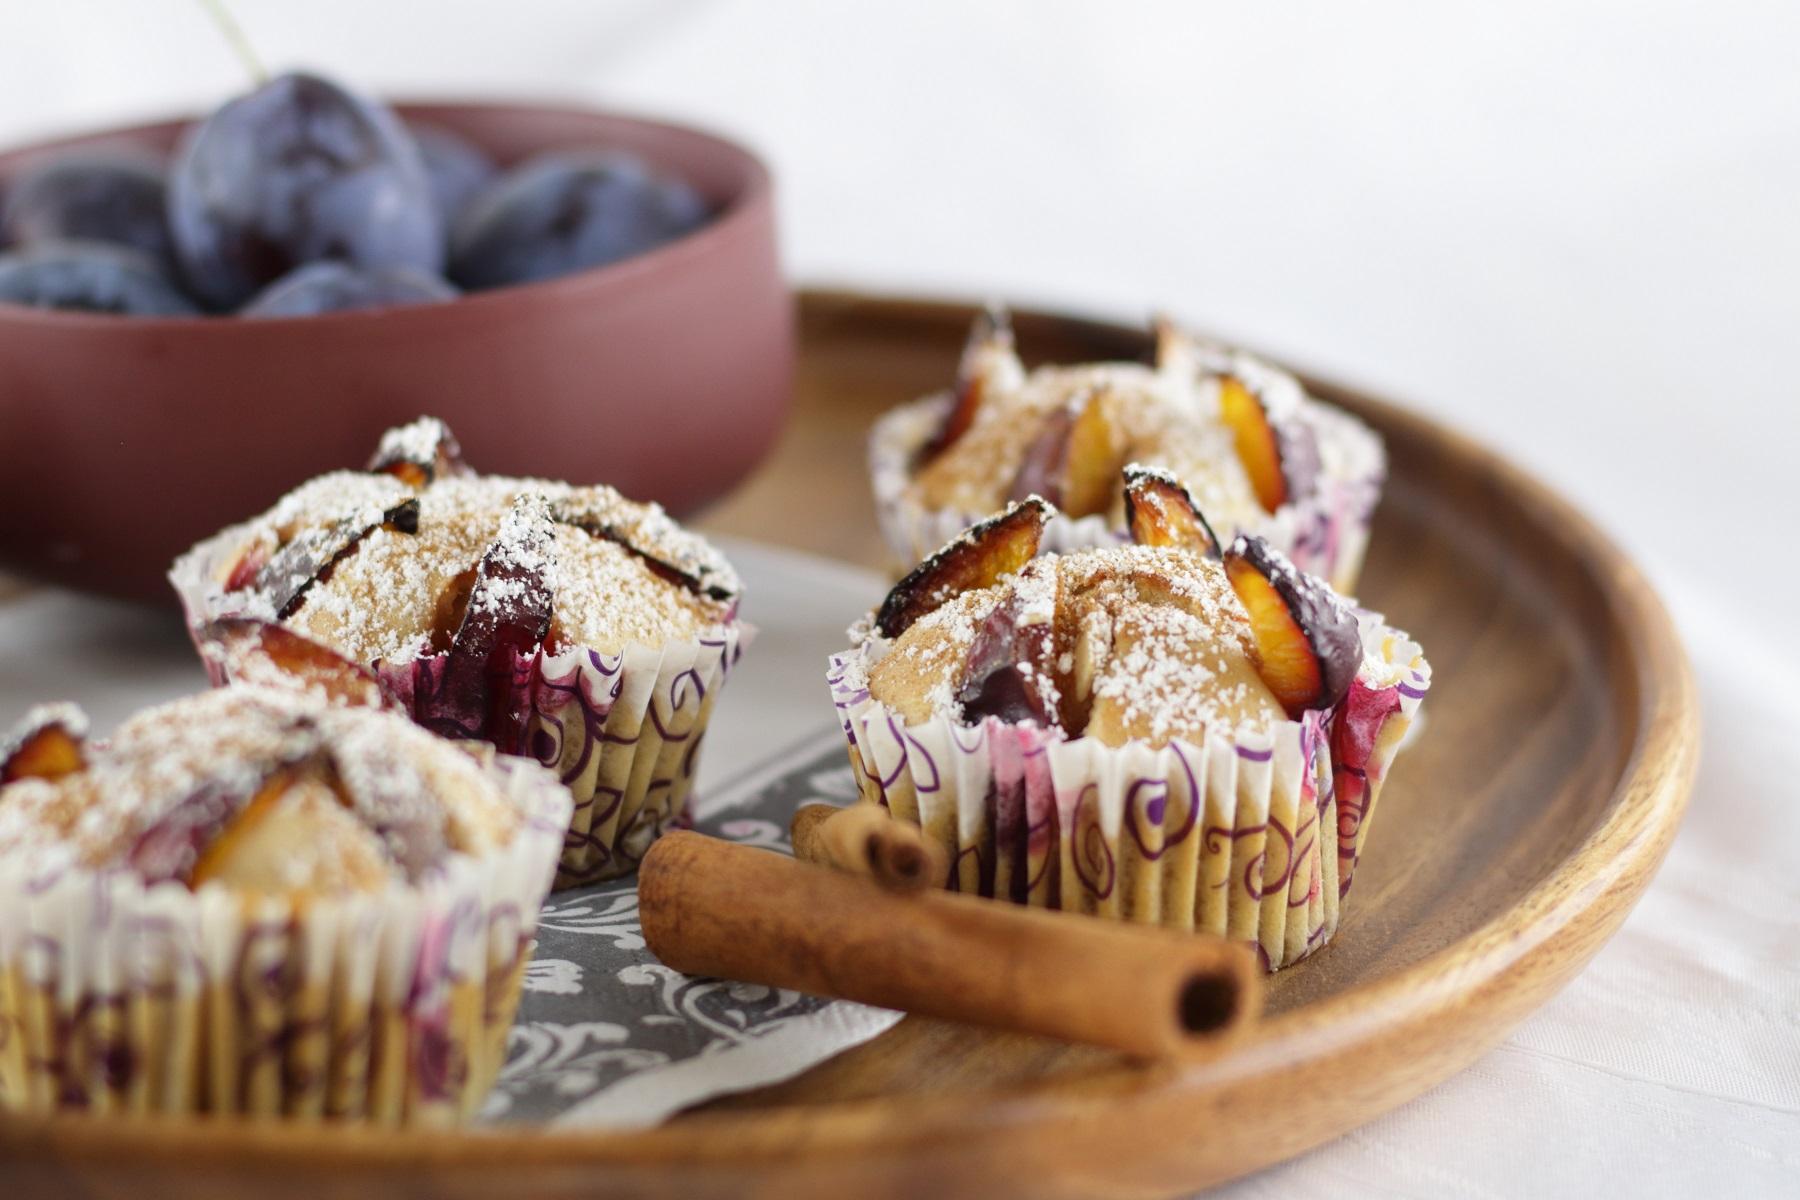 Zwetschgen-Muffins mit Zimt und Vanille - #zwetschgen #zwetschgenmuffins #muffins #pflaumen #pflaumenmuffins #plum